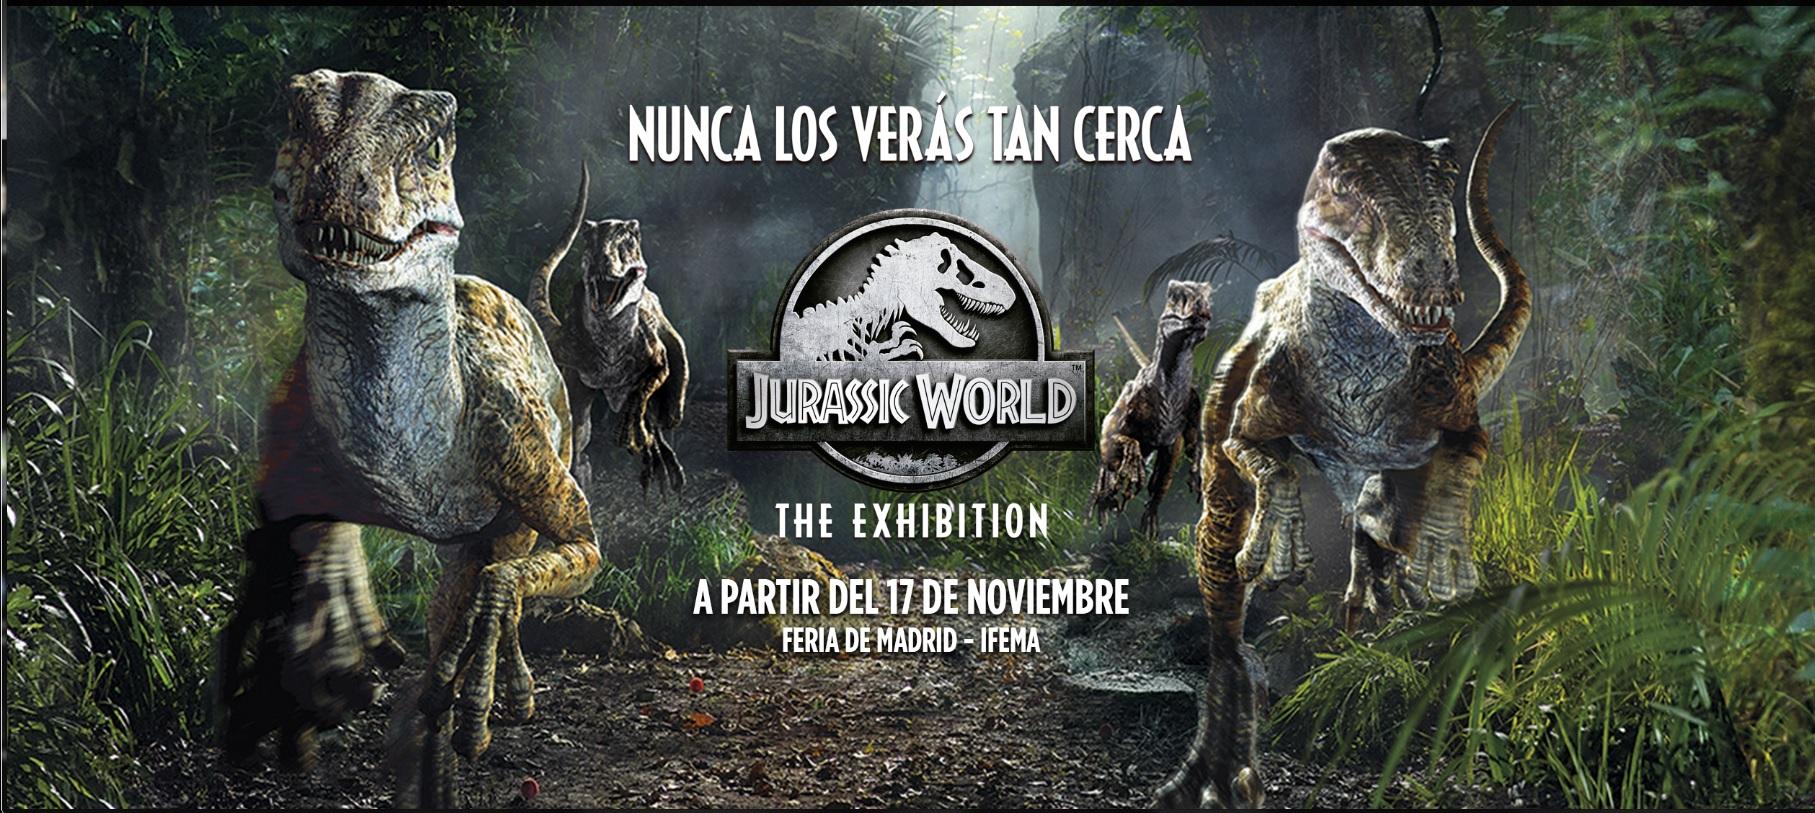 ACTUALIZACIÓN | Socios APM: Descuentos hasta el 30% en las entradas de Jurassic World: The Exhibition